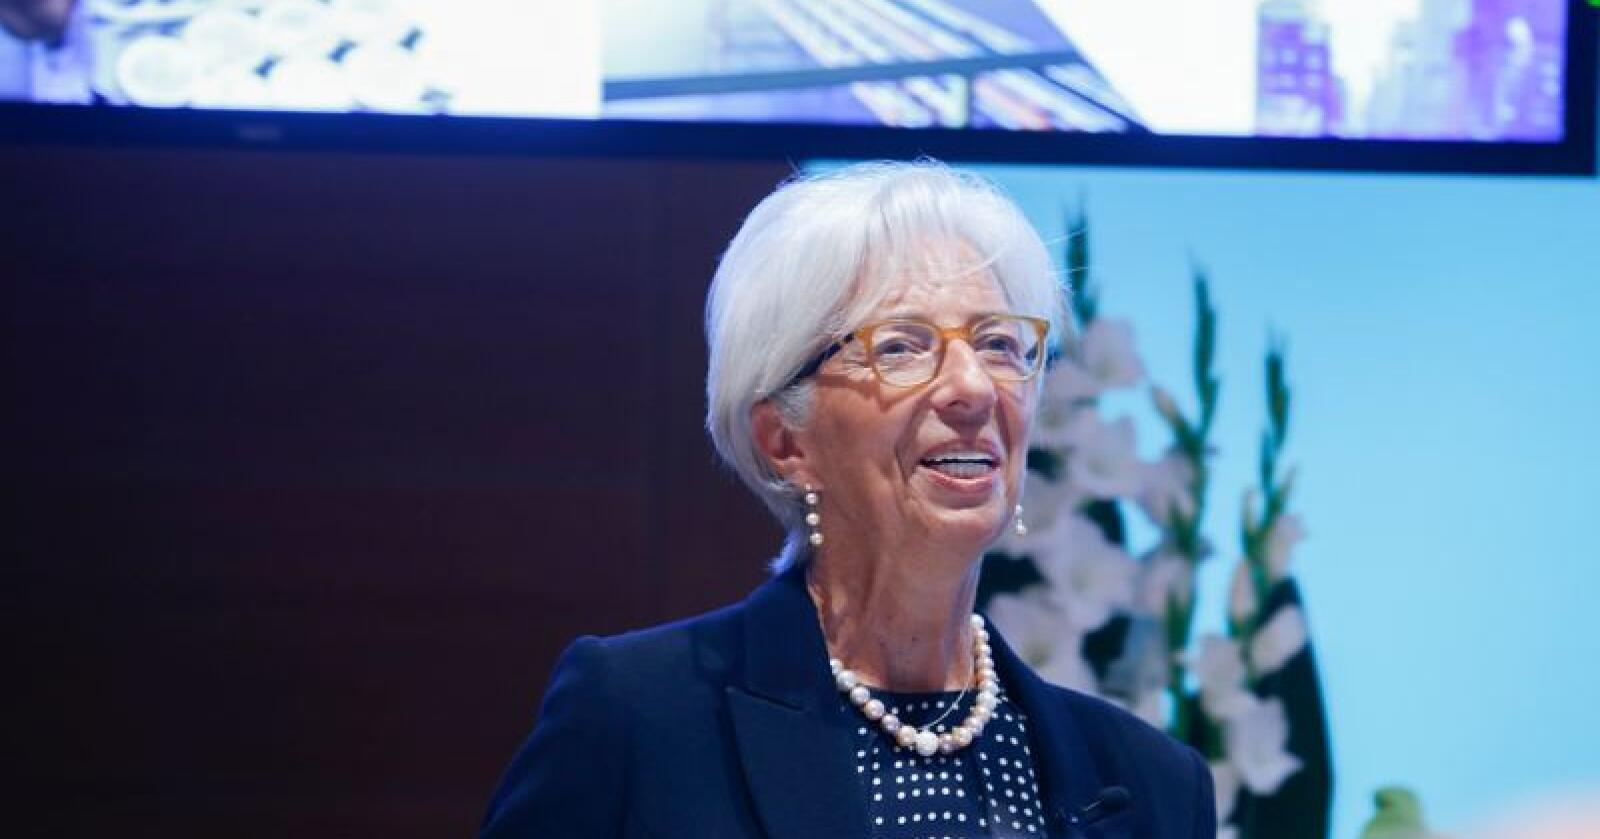 Påtroppende sentralbanksjef Christine Lagarde mener euroland som går med overskudd bør bruke mer penger for å dempe vekstfallet i eurosonen. Arkivfoto: Terje Pedersen / NTB scanpix